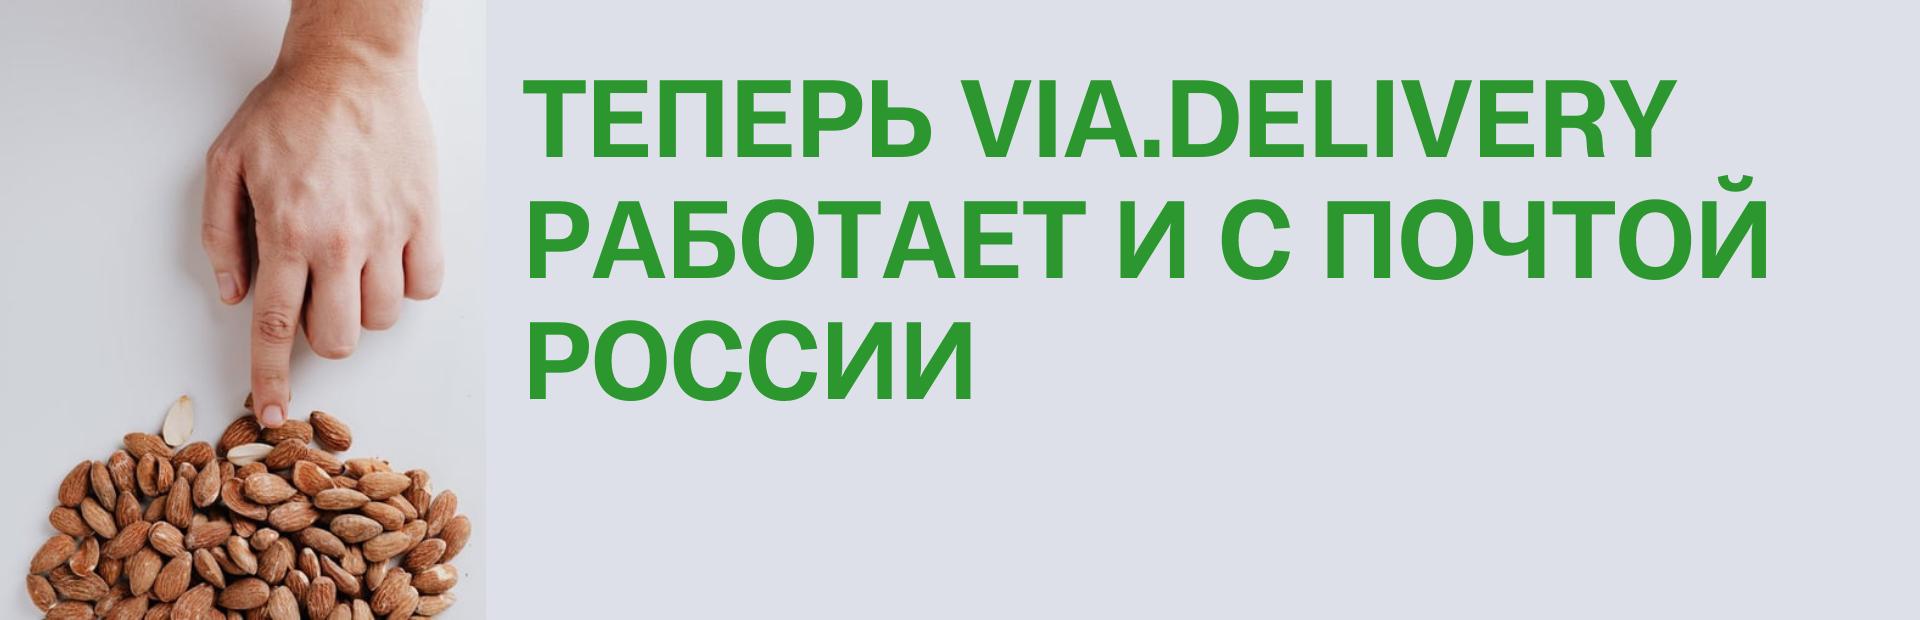 Теперь вы можете забрать  заказ в офисах Почты России и в почтоматах в метро!